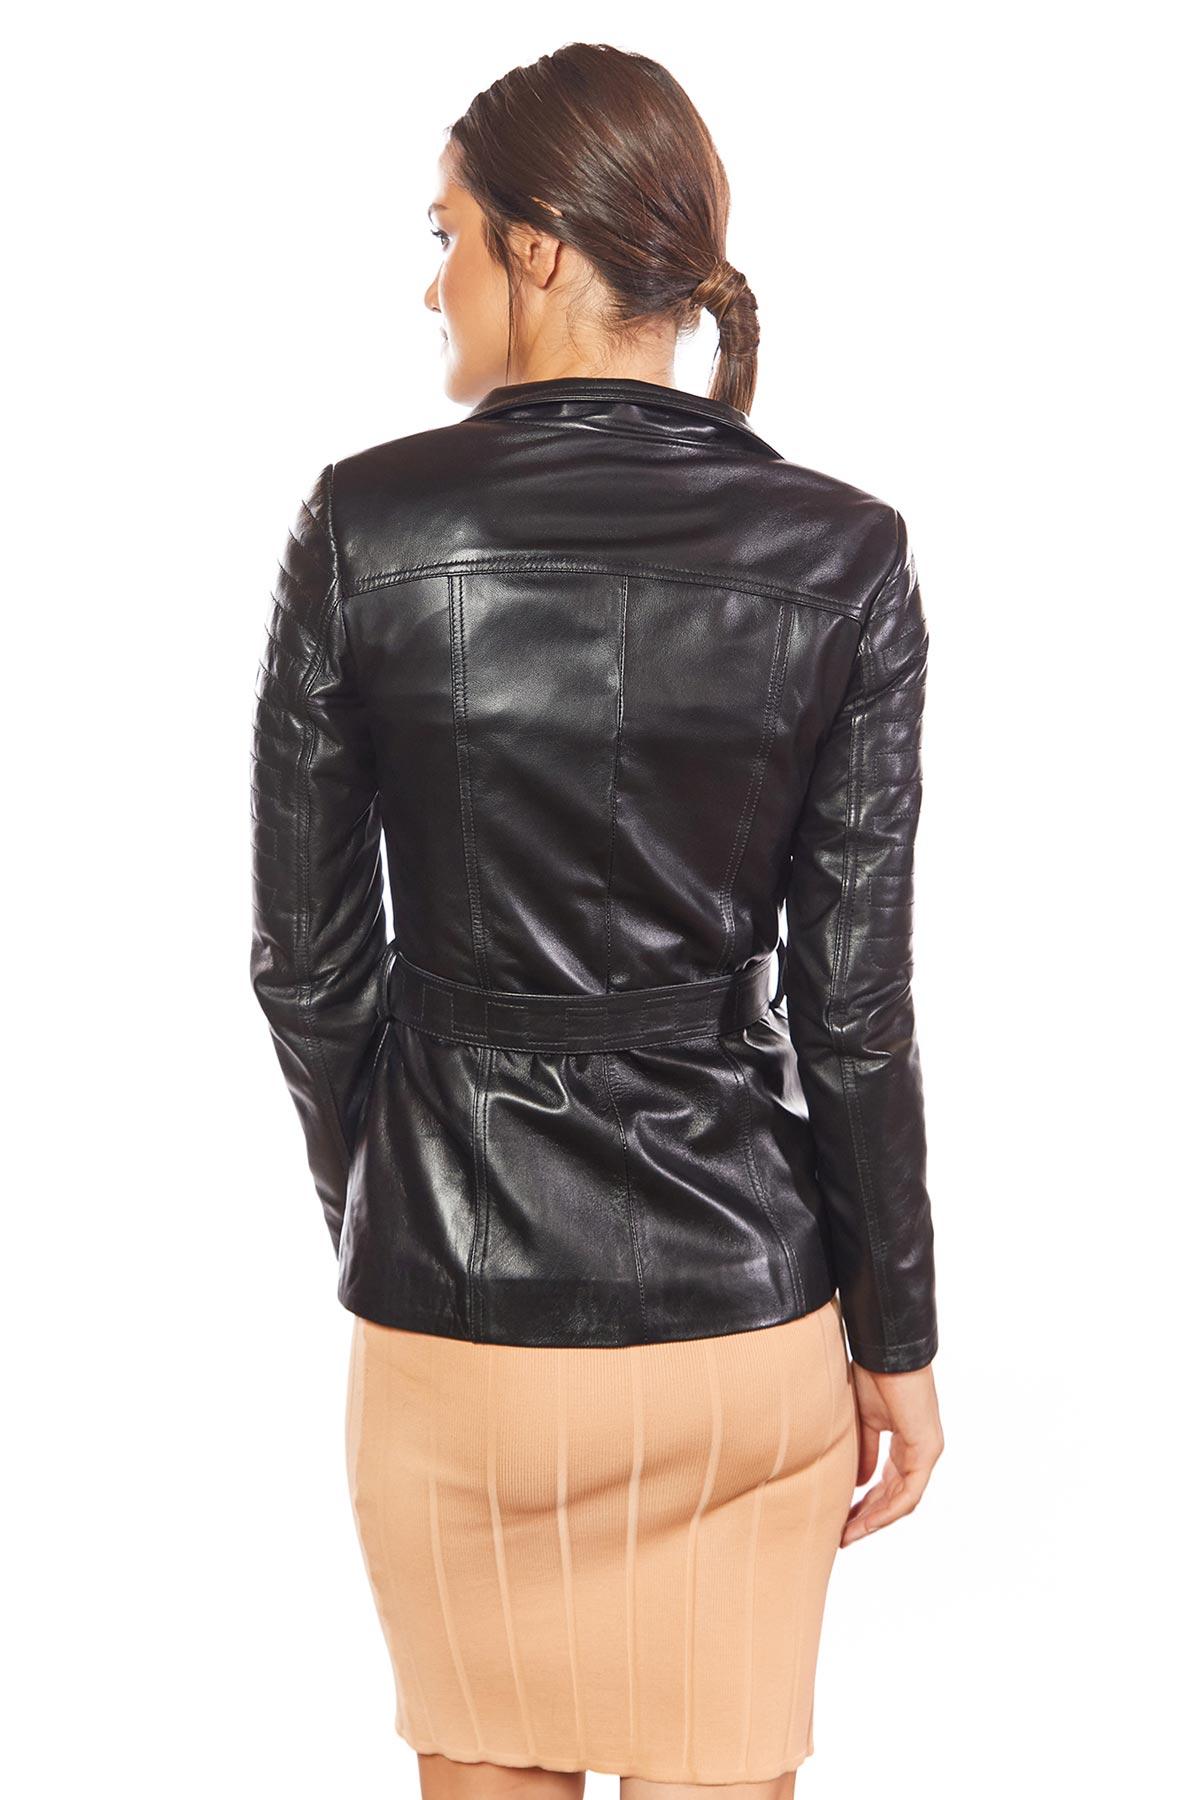 moto jacket with belt